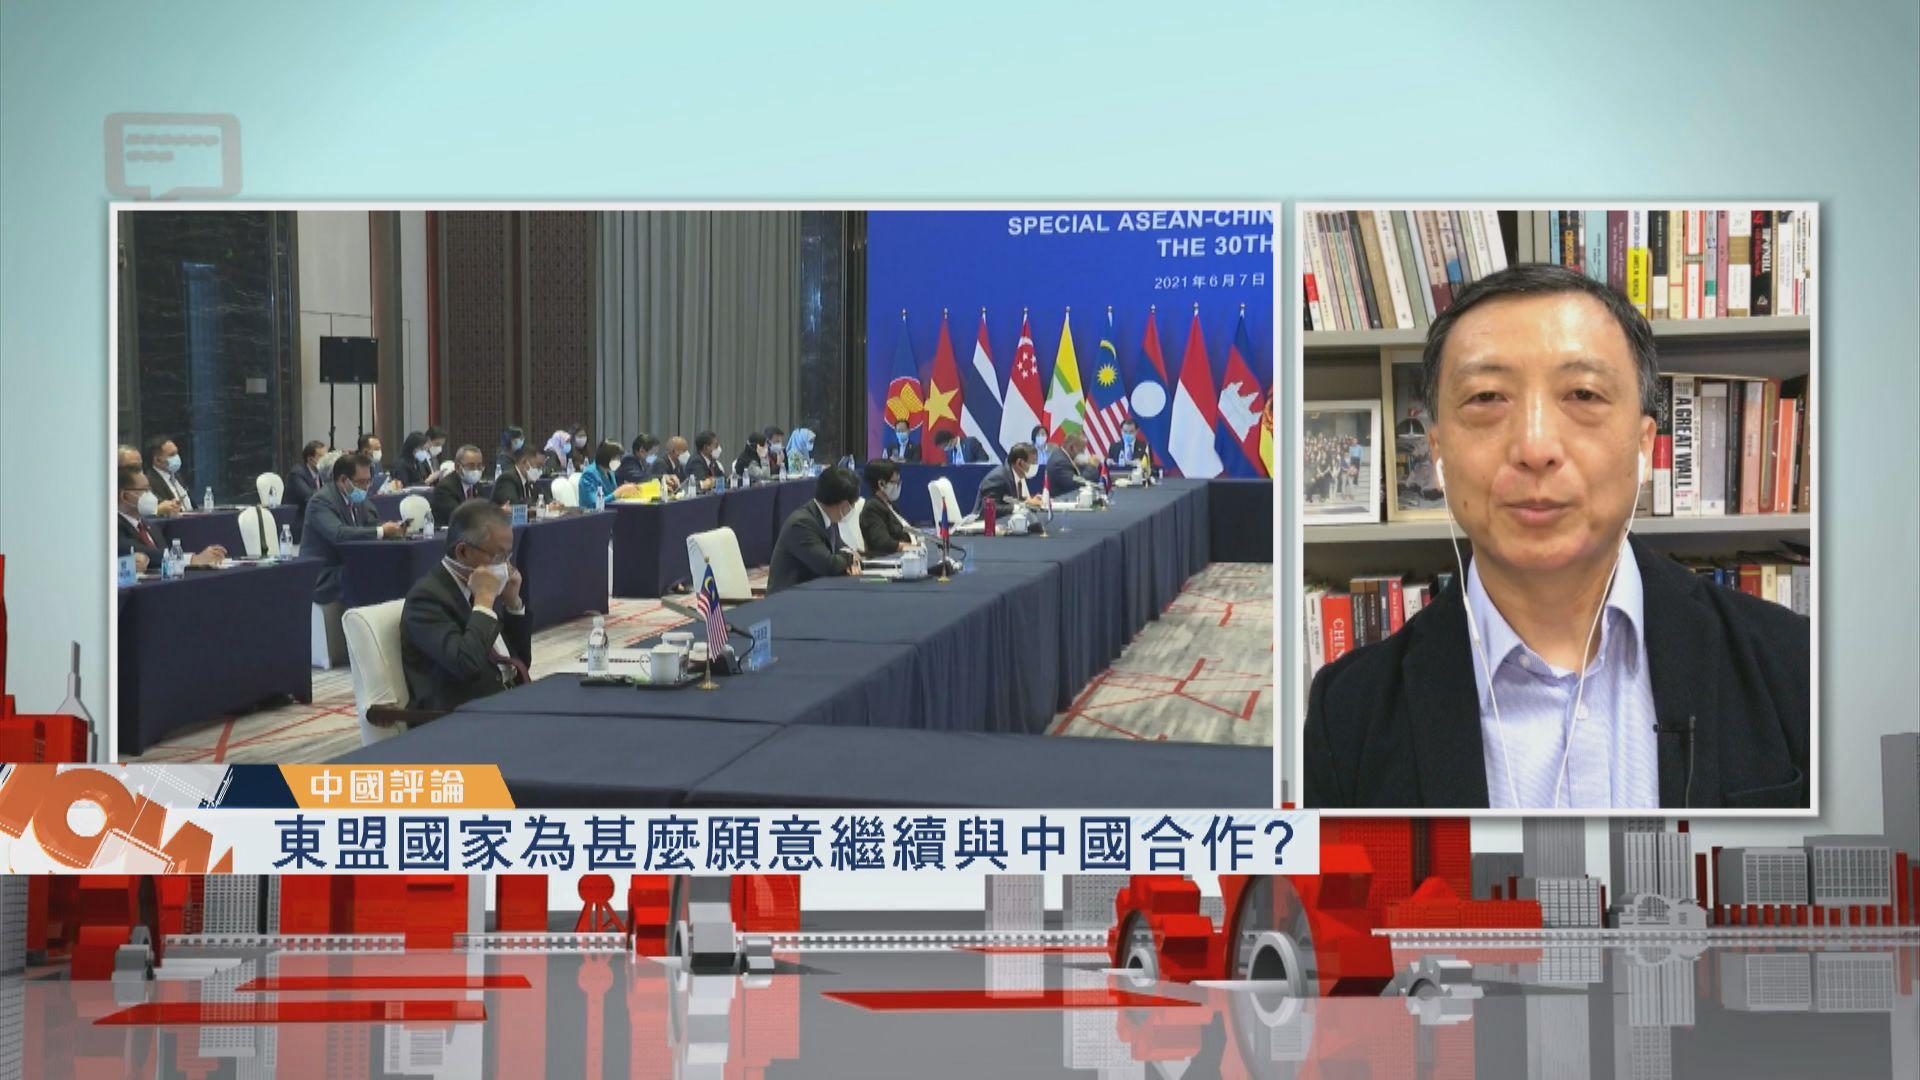 【中國評論】東盟與中國合作